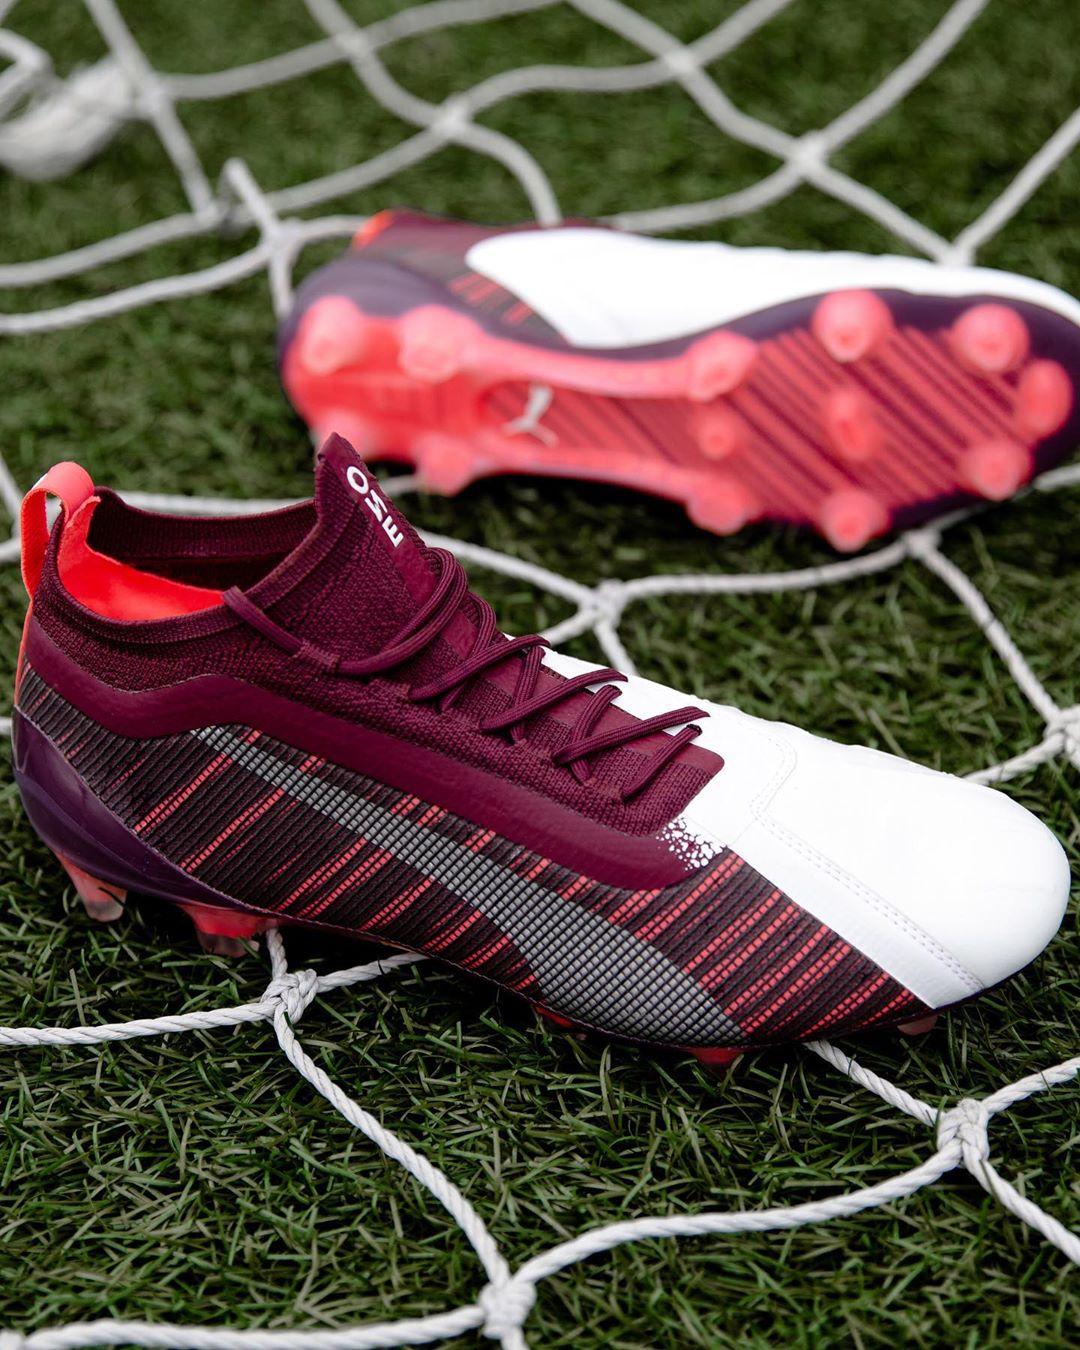 nouvelle chaussure puma 2019